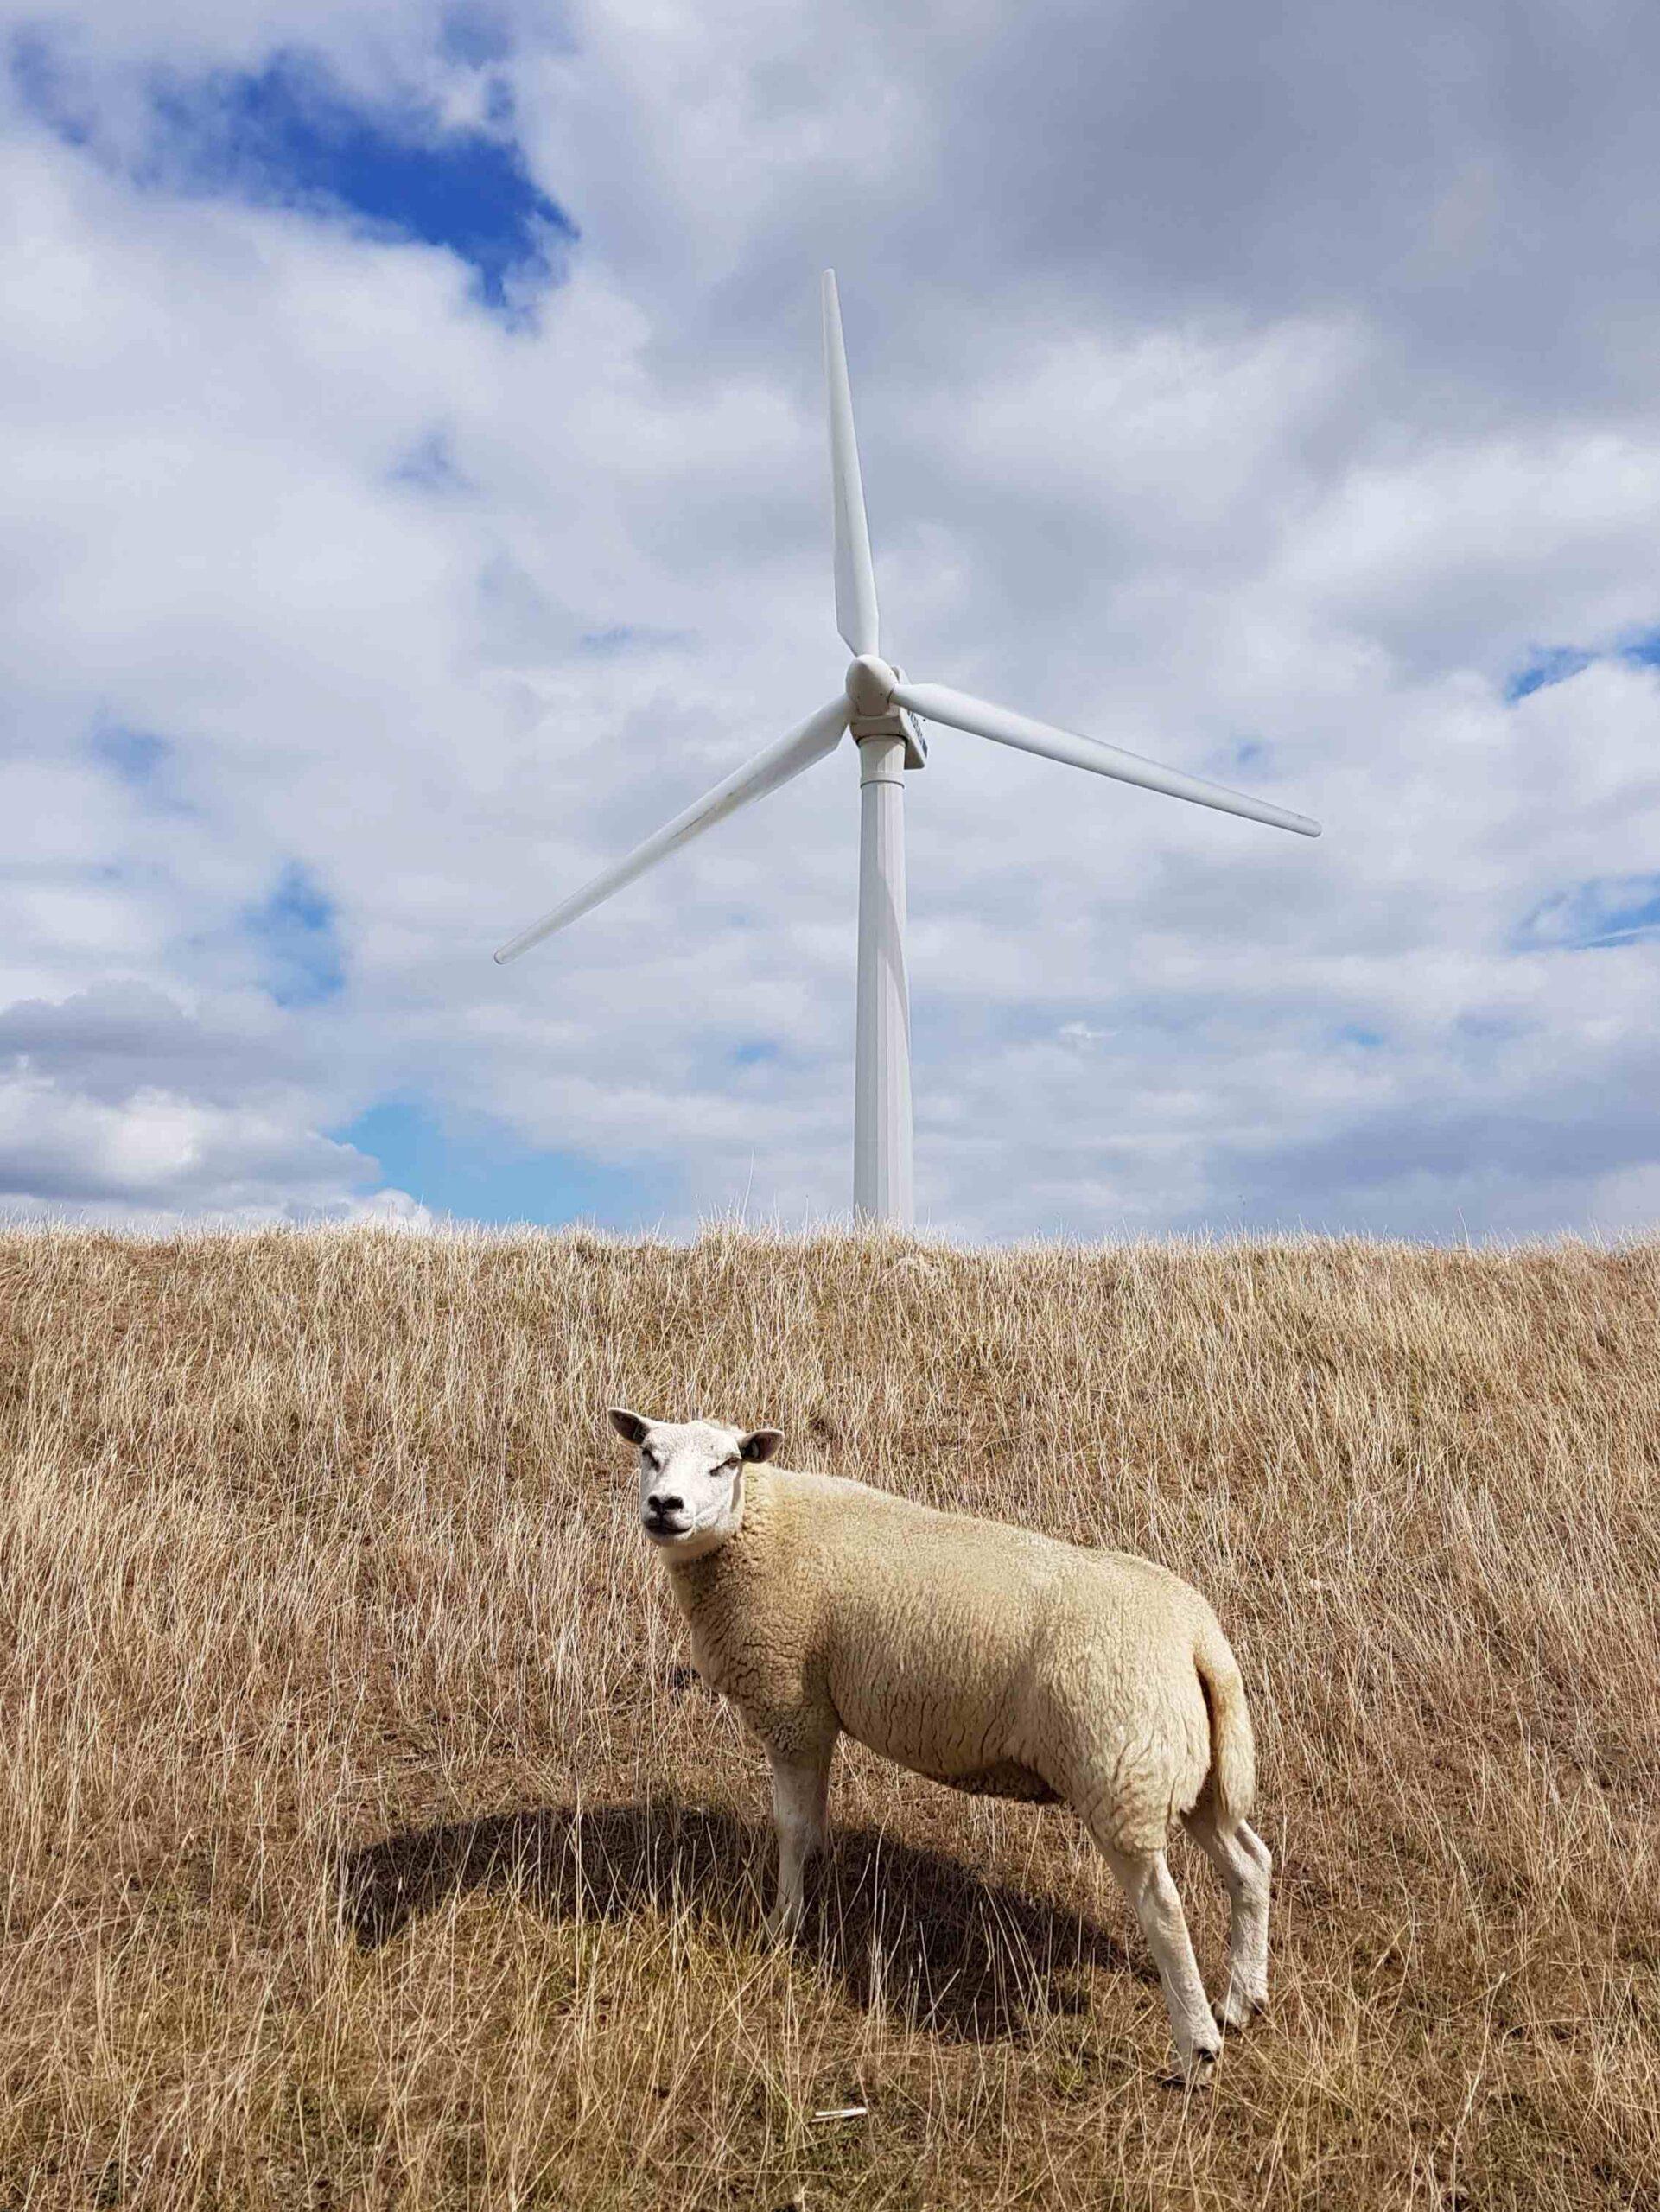 Rondje-Nederland-met-baby-schaap-en-windmolen-Zeeland